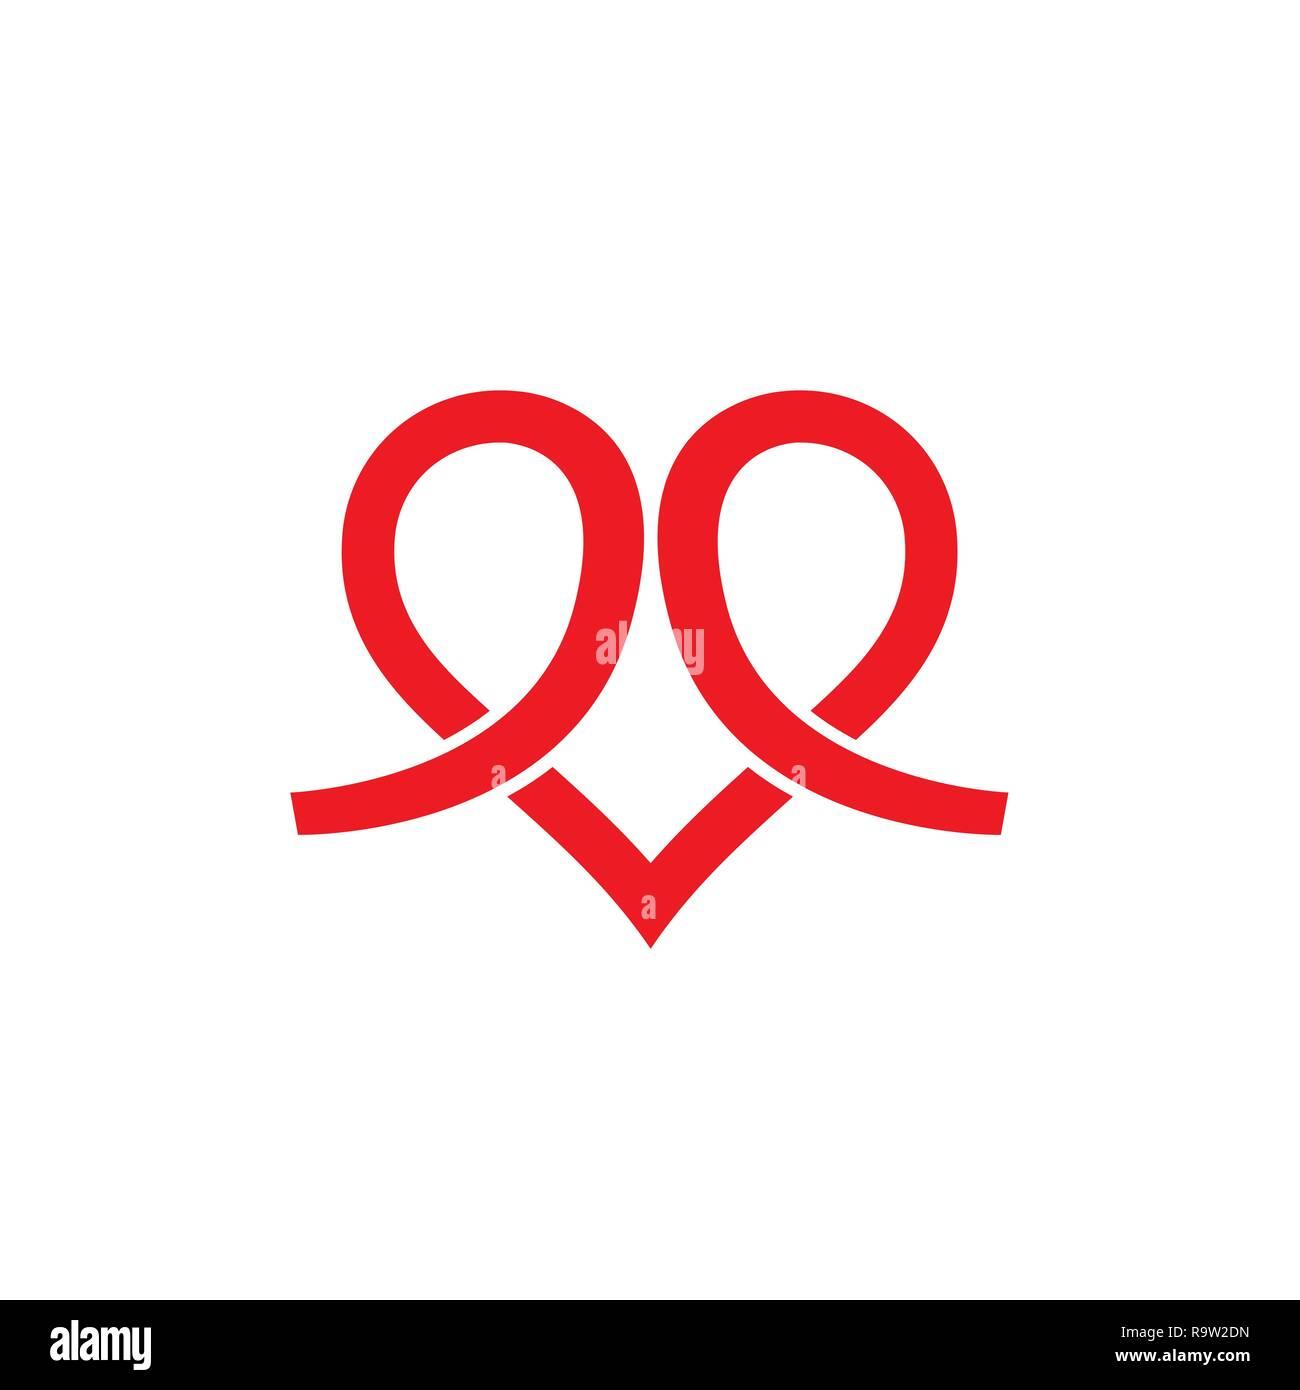 heart icon vector logo